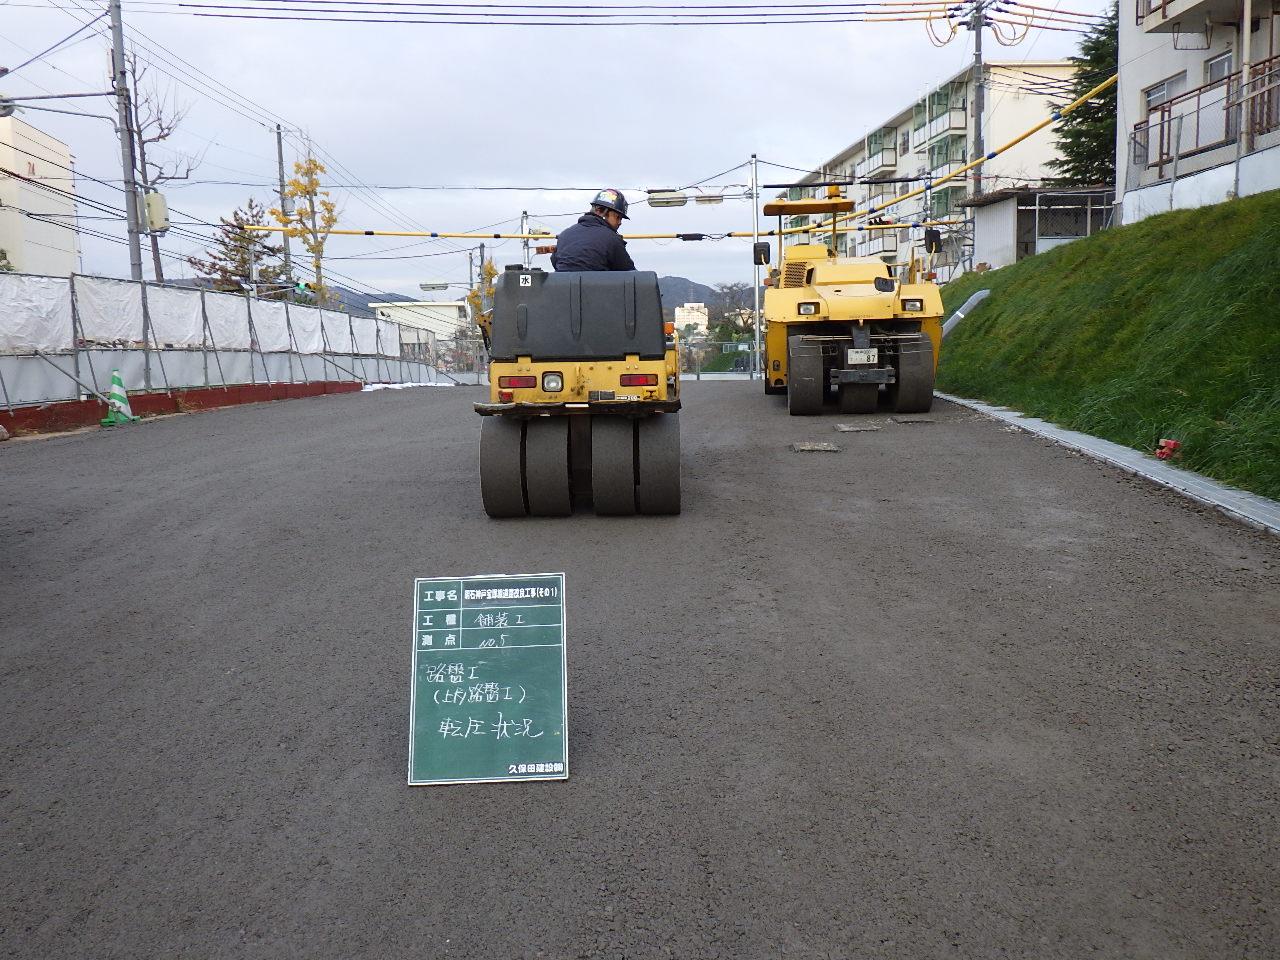 明石神戸宝塚線02